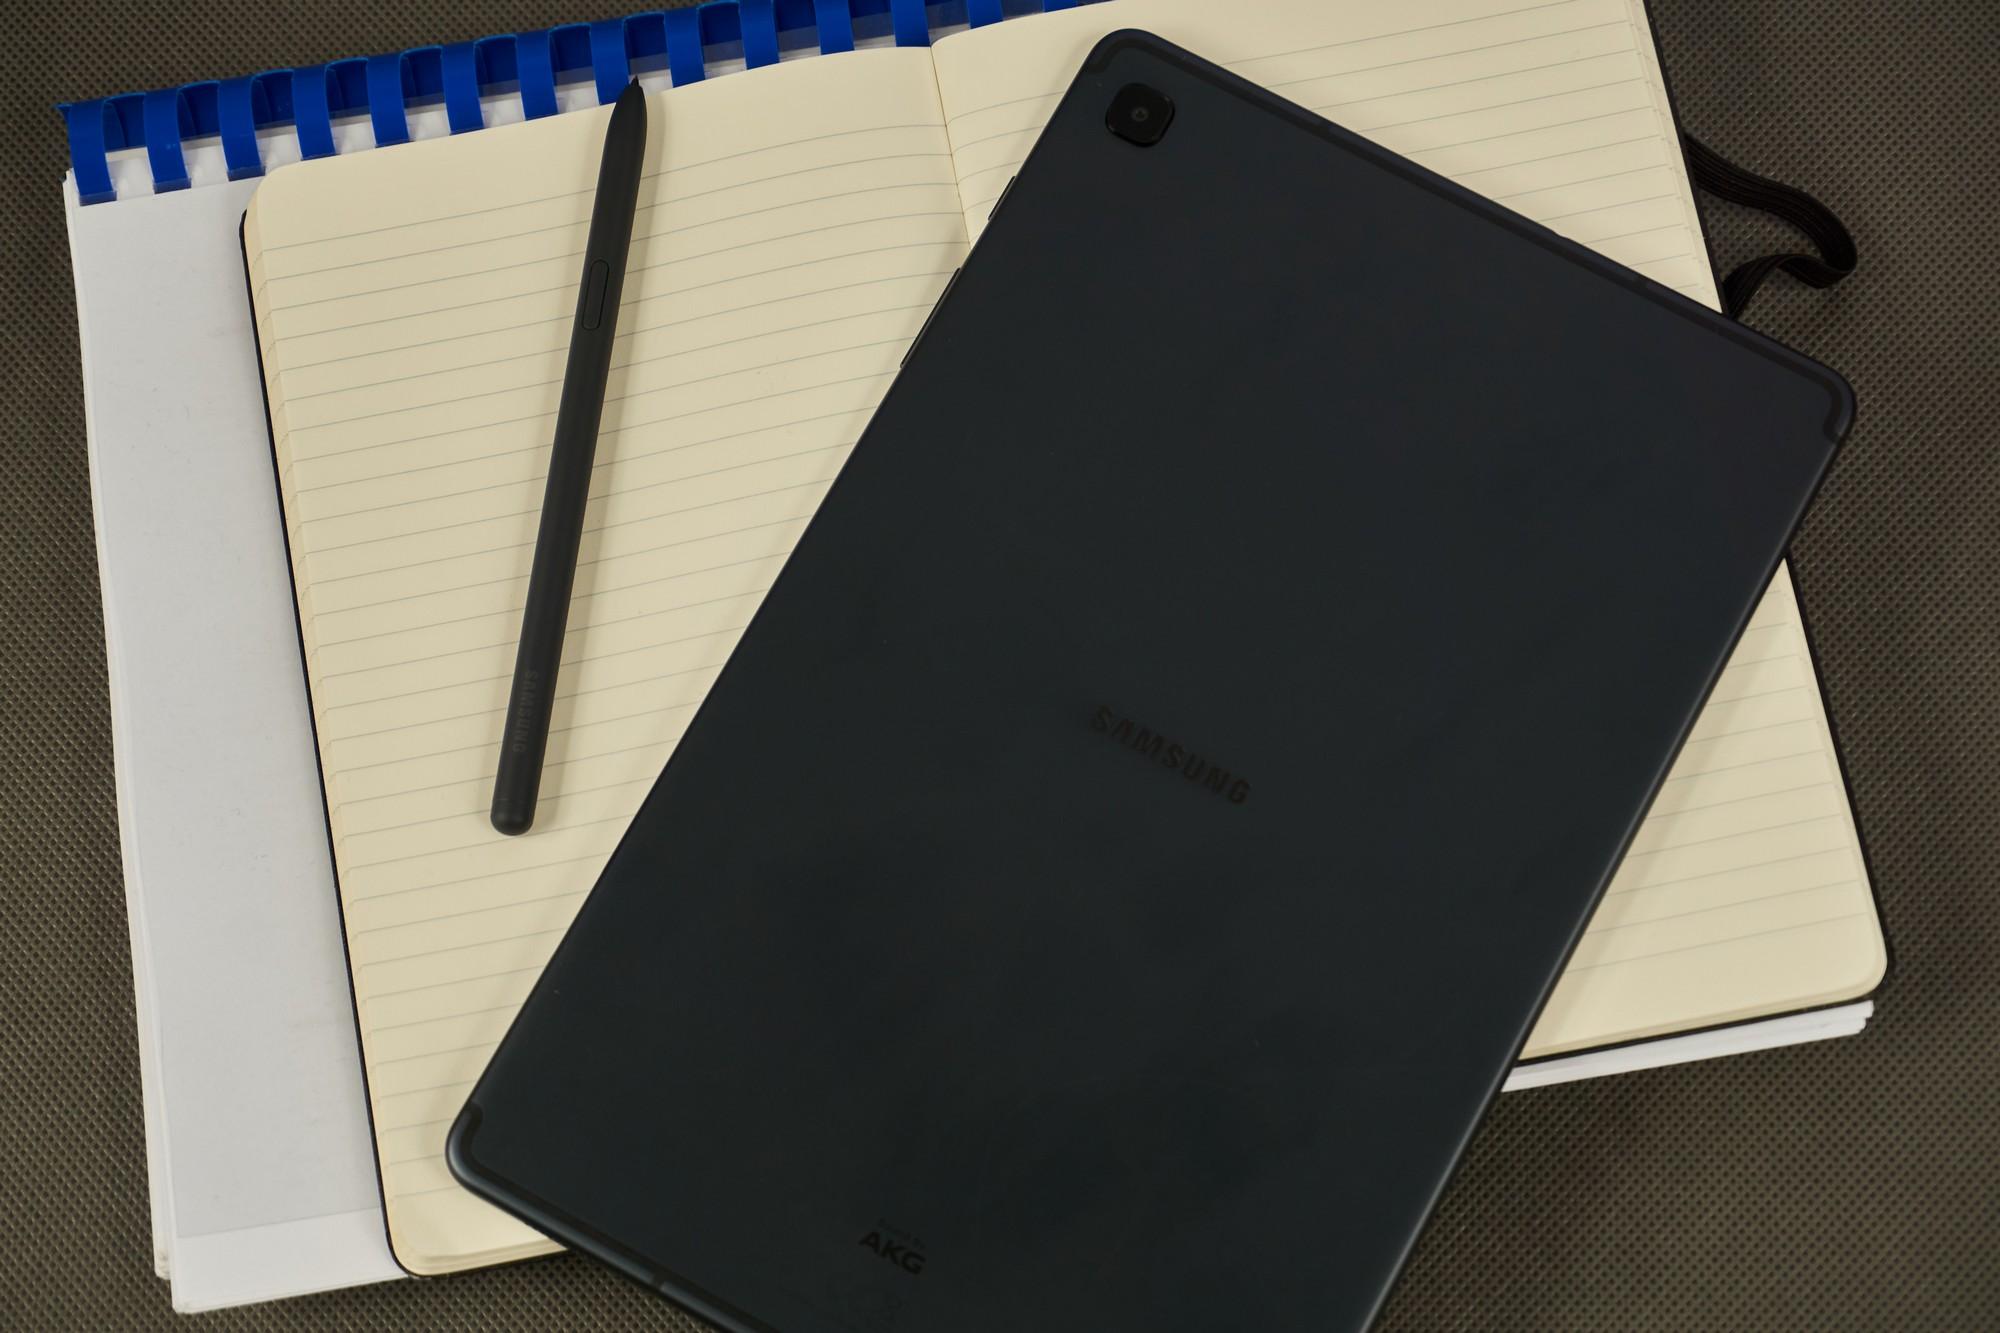 Samsung Galaxy Tab S6 Lite - świetny wybór do dwóch tysięcy złotych (recenzja)